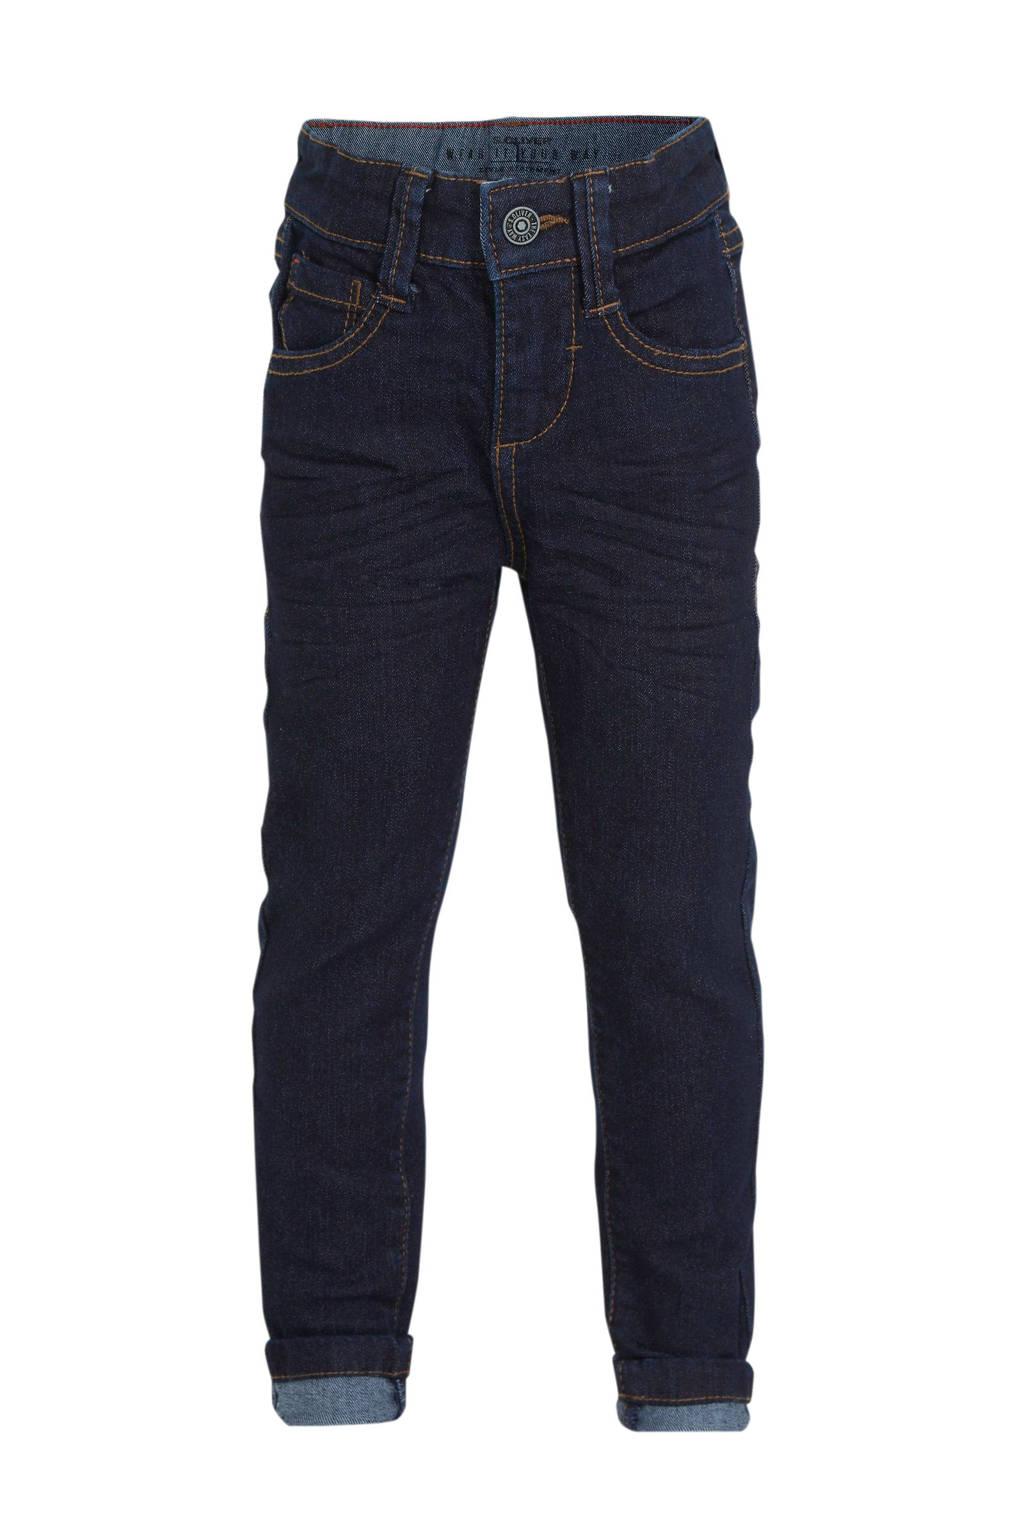 s.Oliver slim fit jeans Brad dark denim, Dark denim